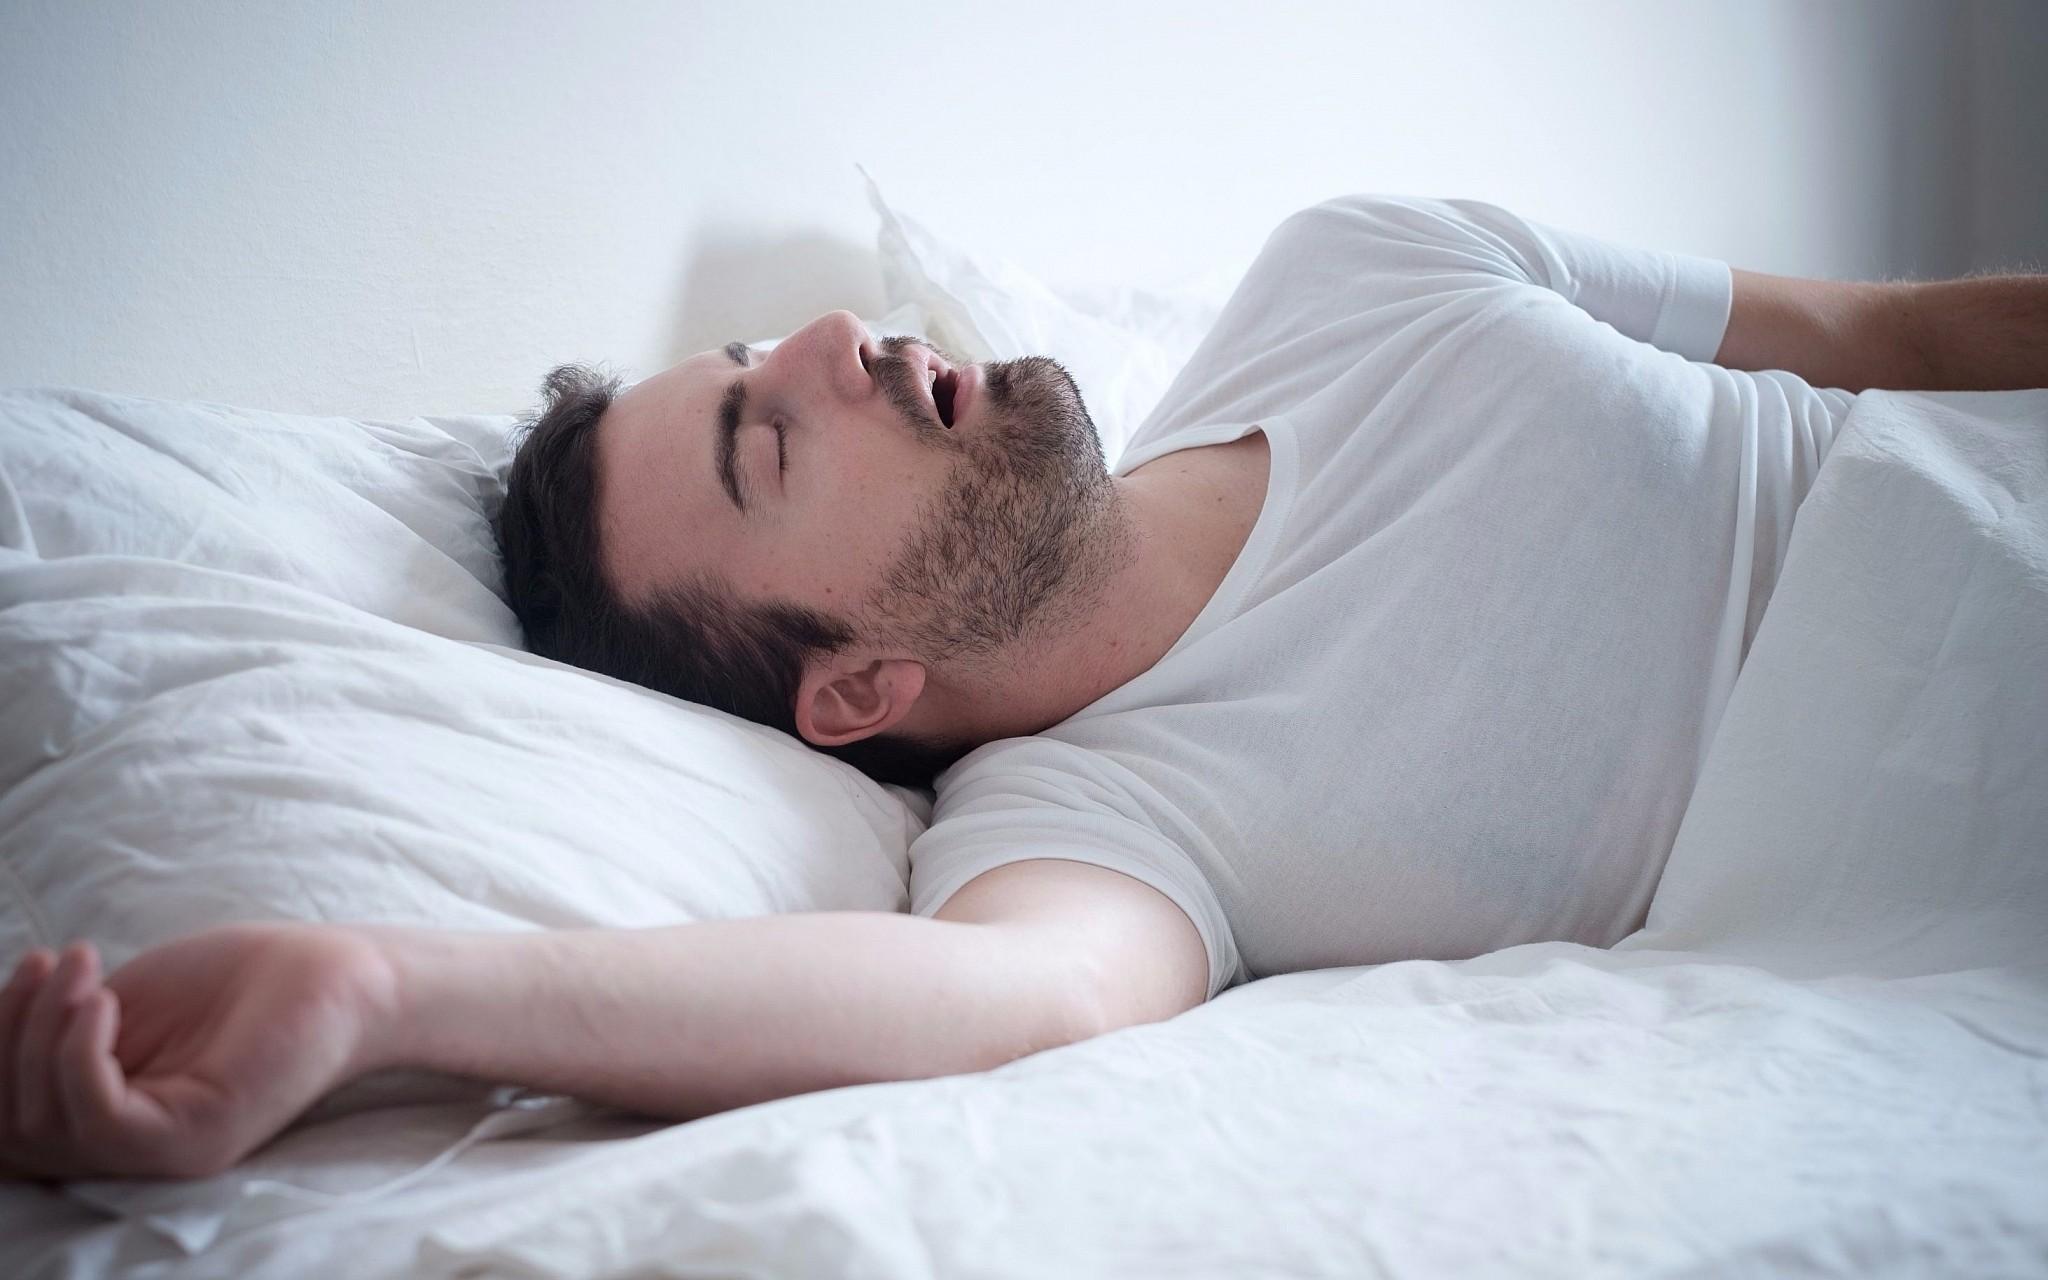 картинка мужчина во сне